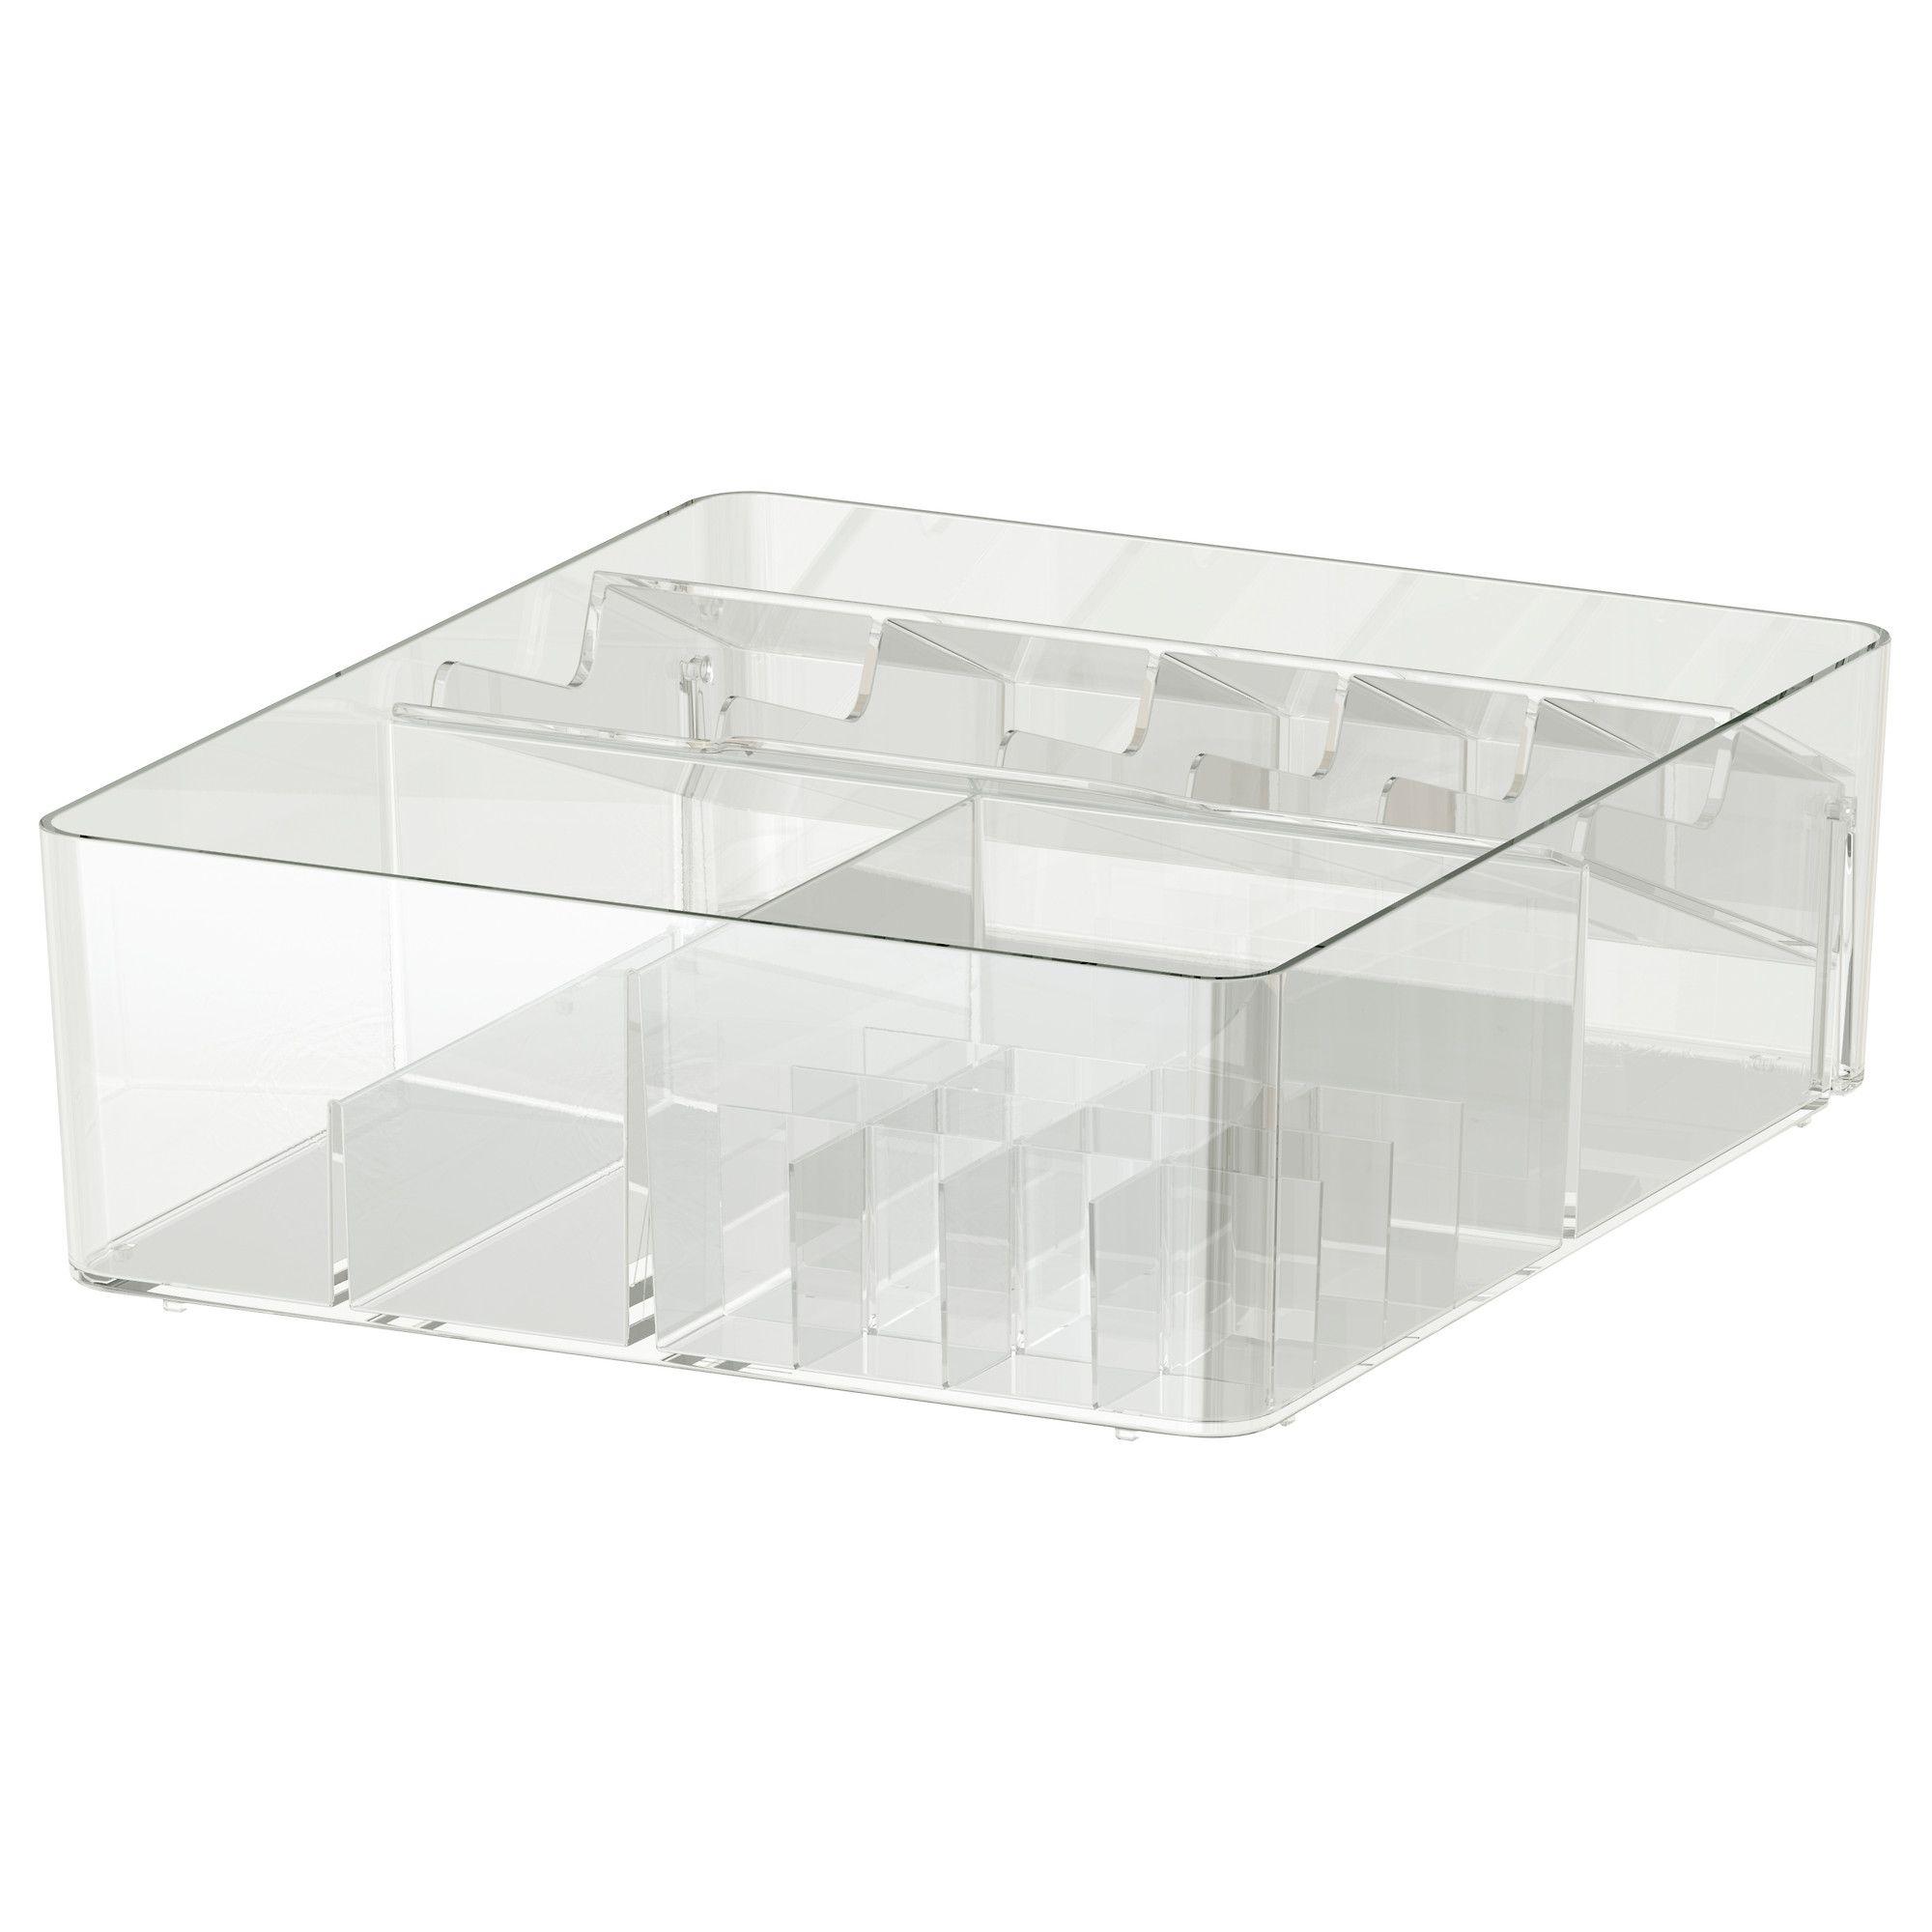 Verwonderlijk IKEA - GODMORGON, Doos met vakken, , Gratis 10 jaar garantie AE-67